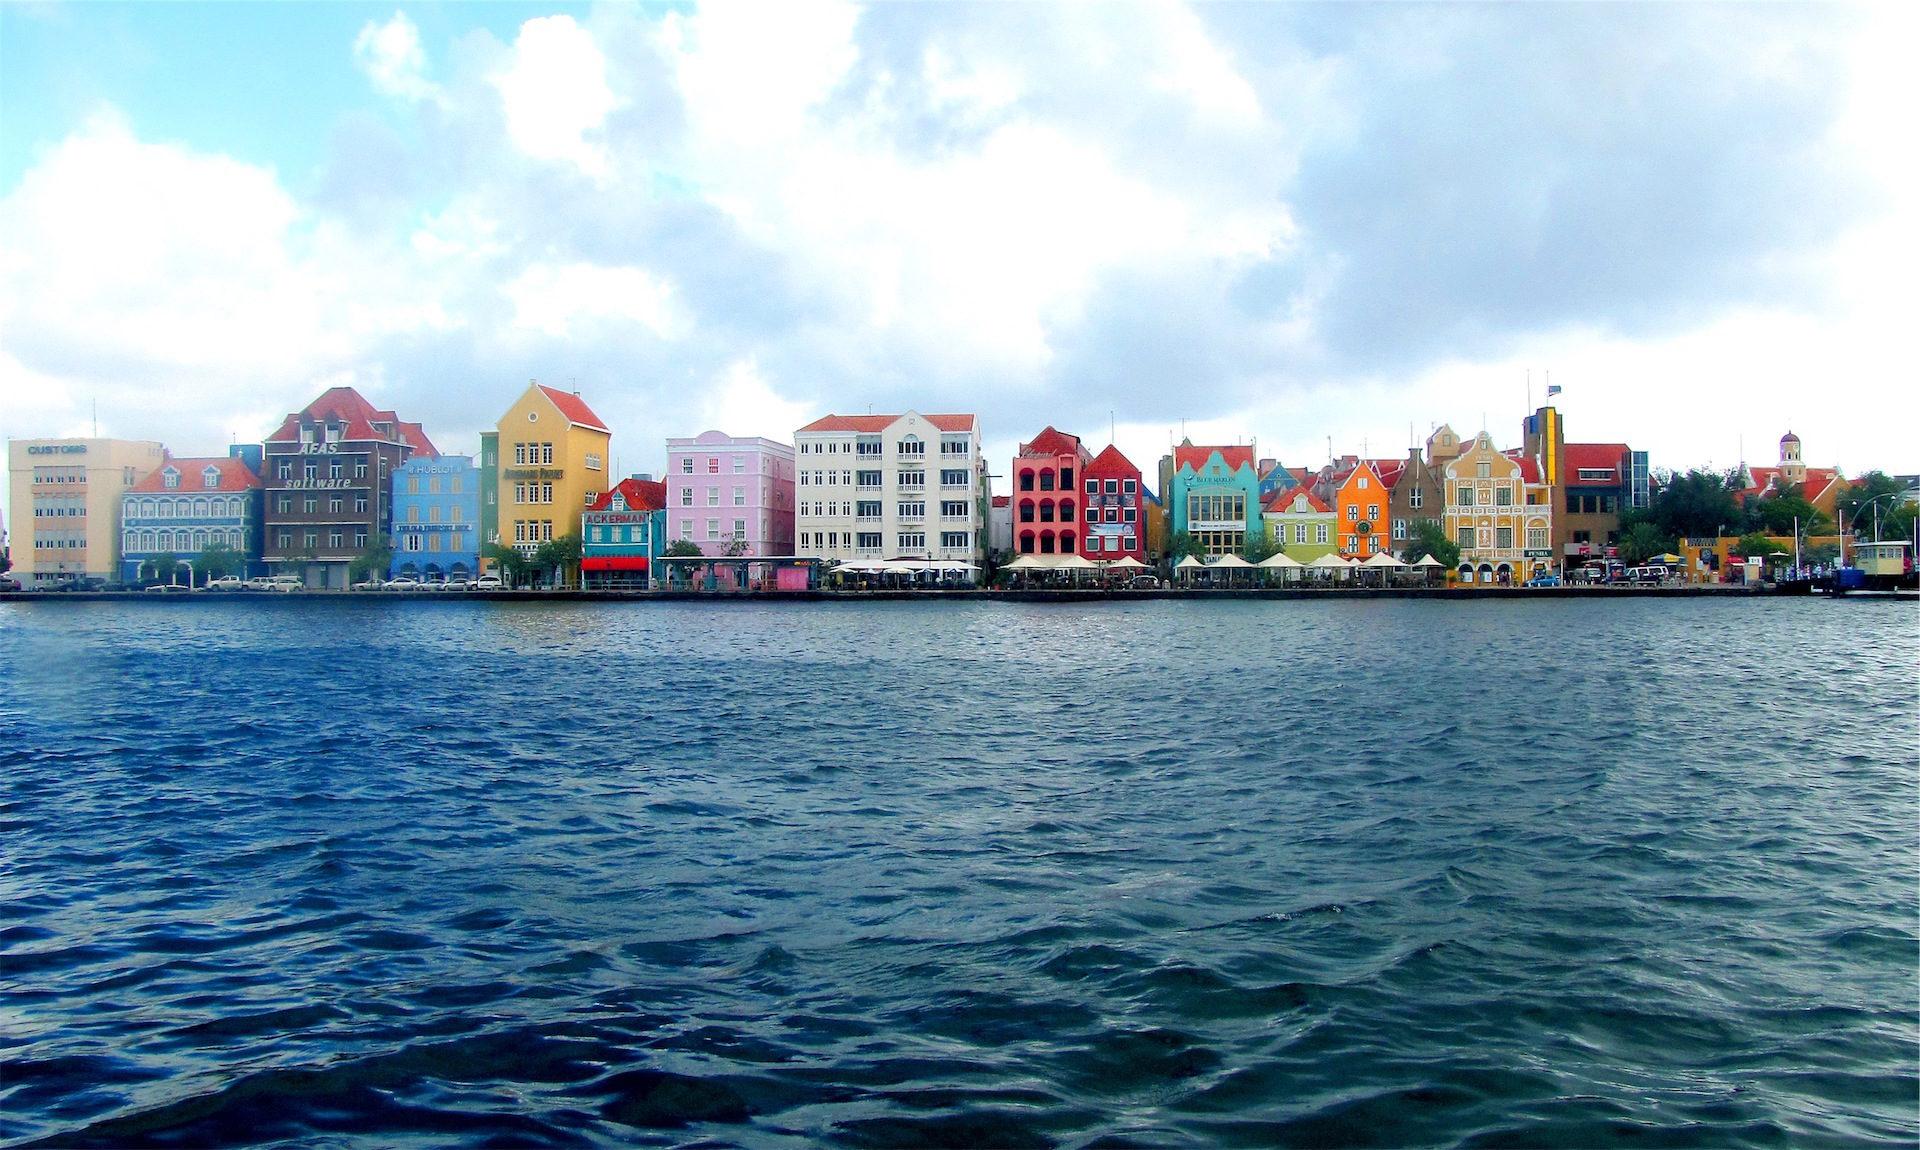 Πόλη, σπίτια, χρώματα, νερό, Ουρανός - Wallpapers HD - Professor-falken.com